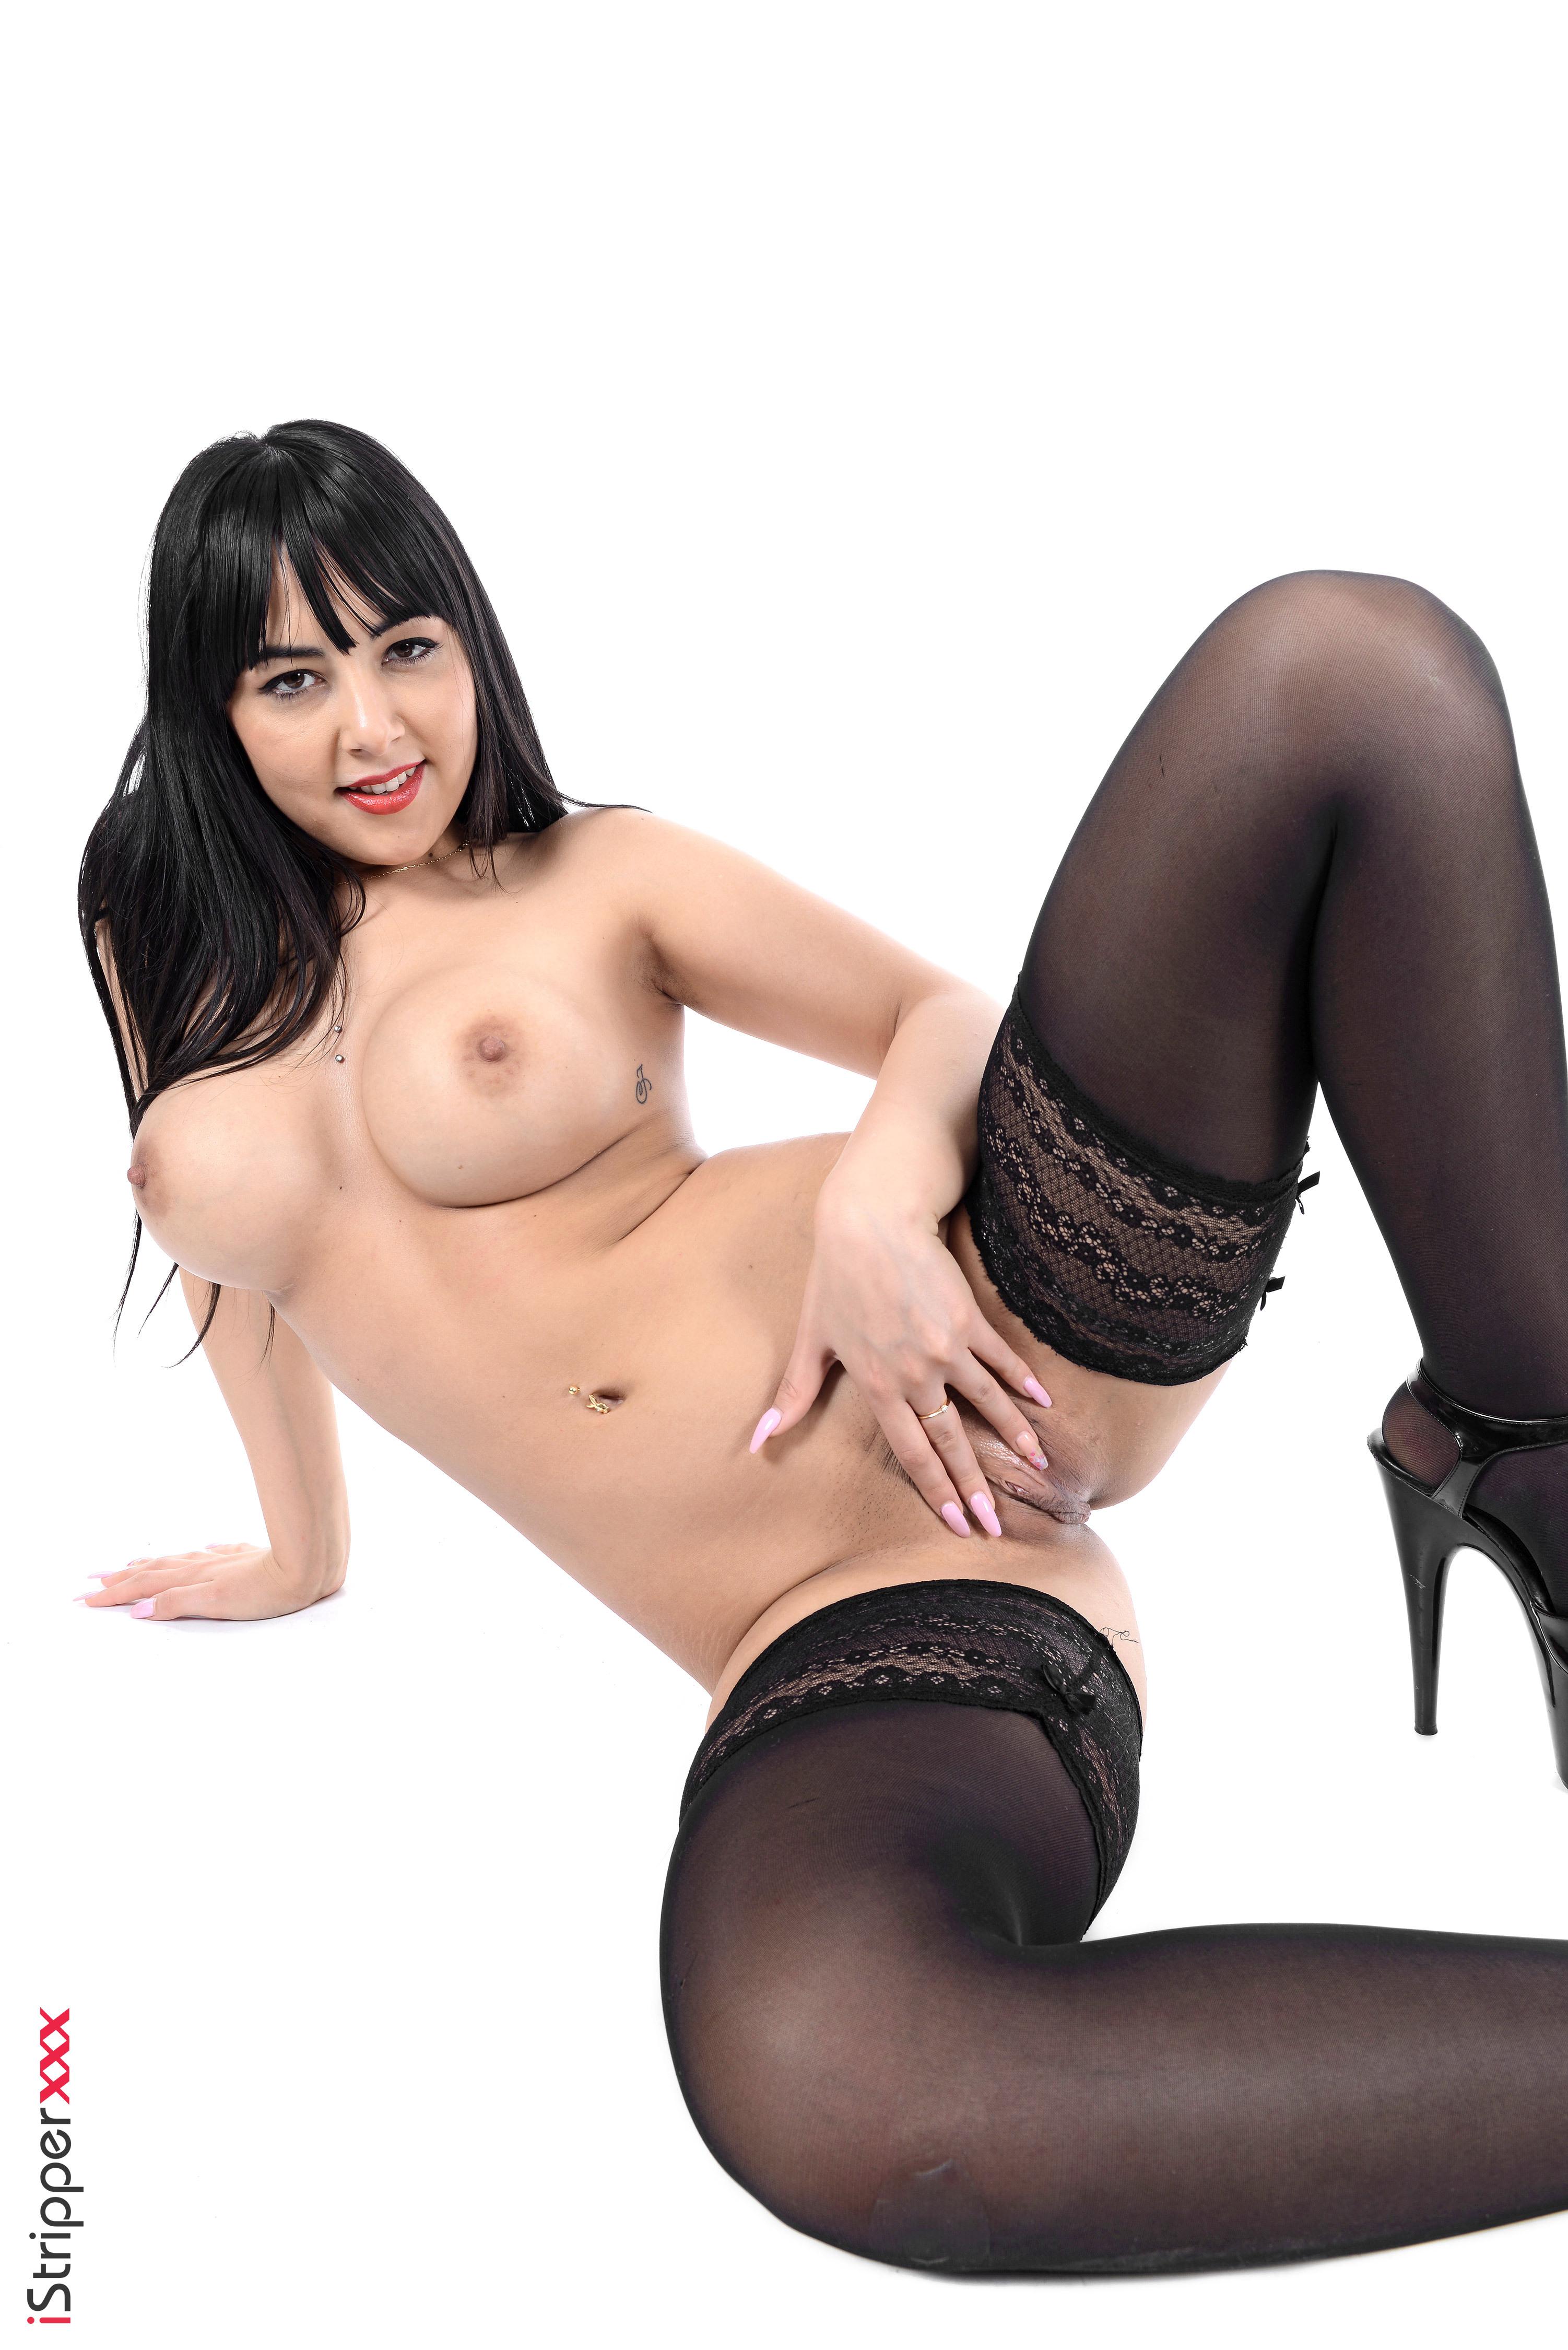 cute girls turn on guy stripping